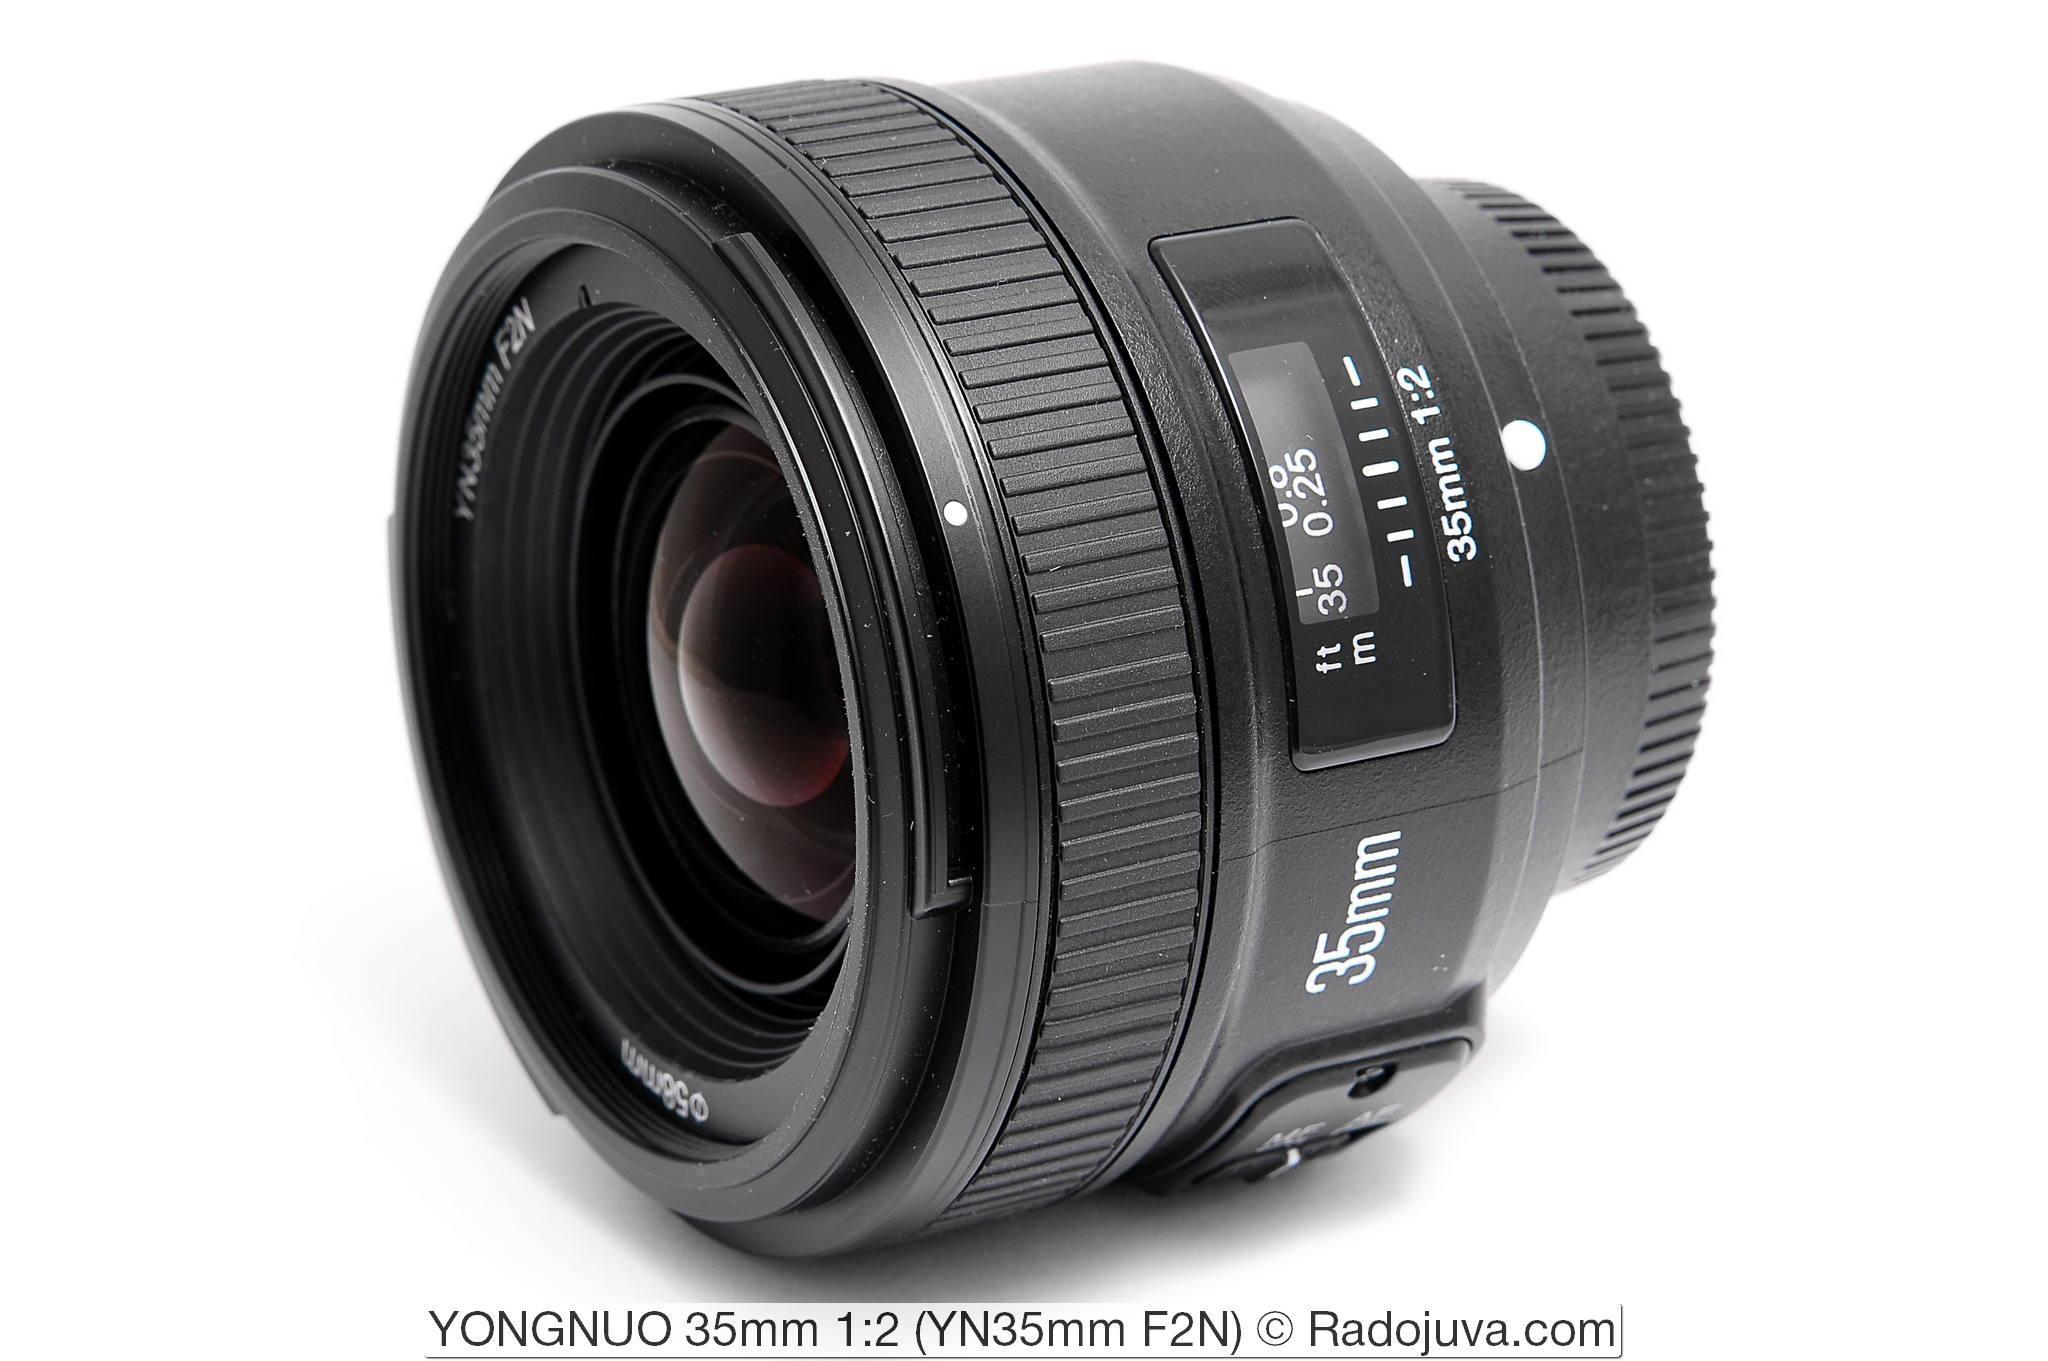 YONGNUO 35mm f/2 (YN35mm F2N)